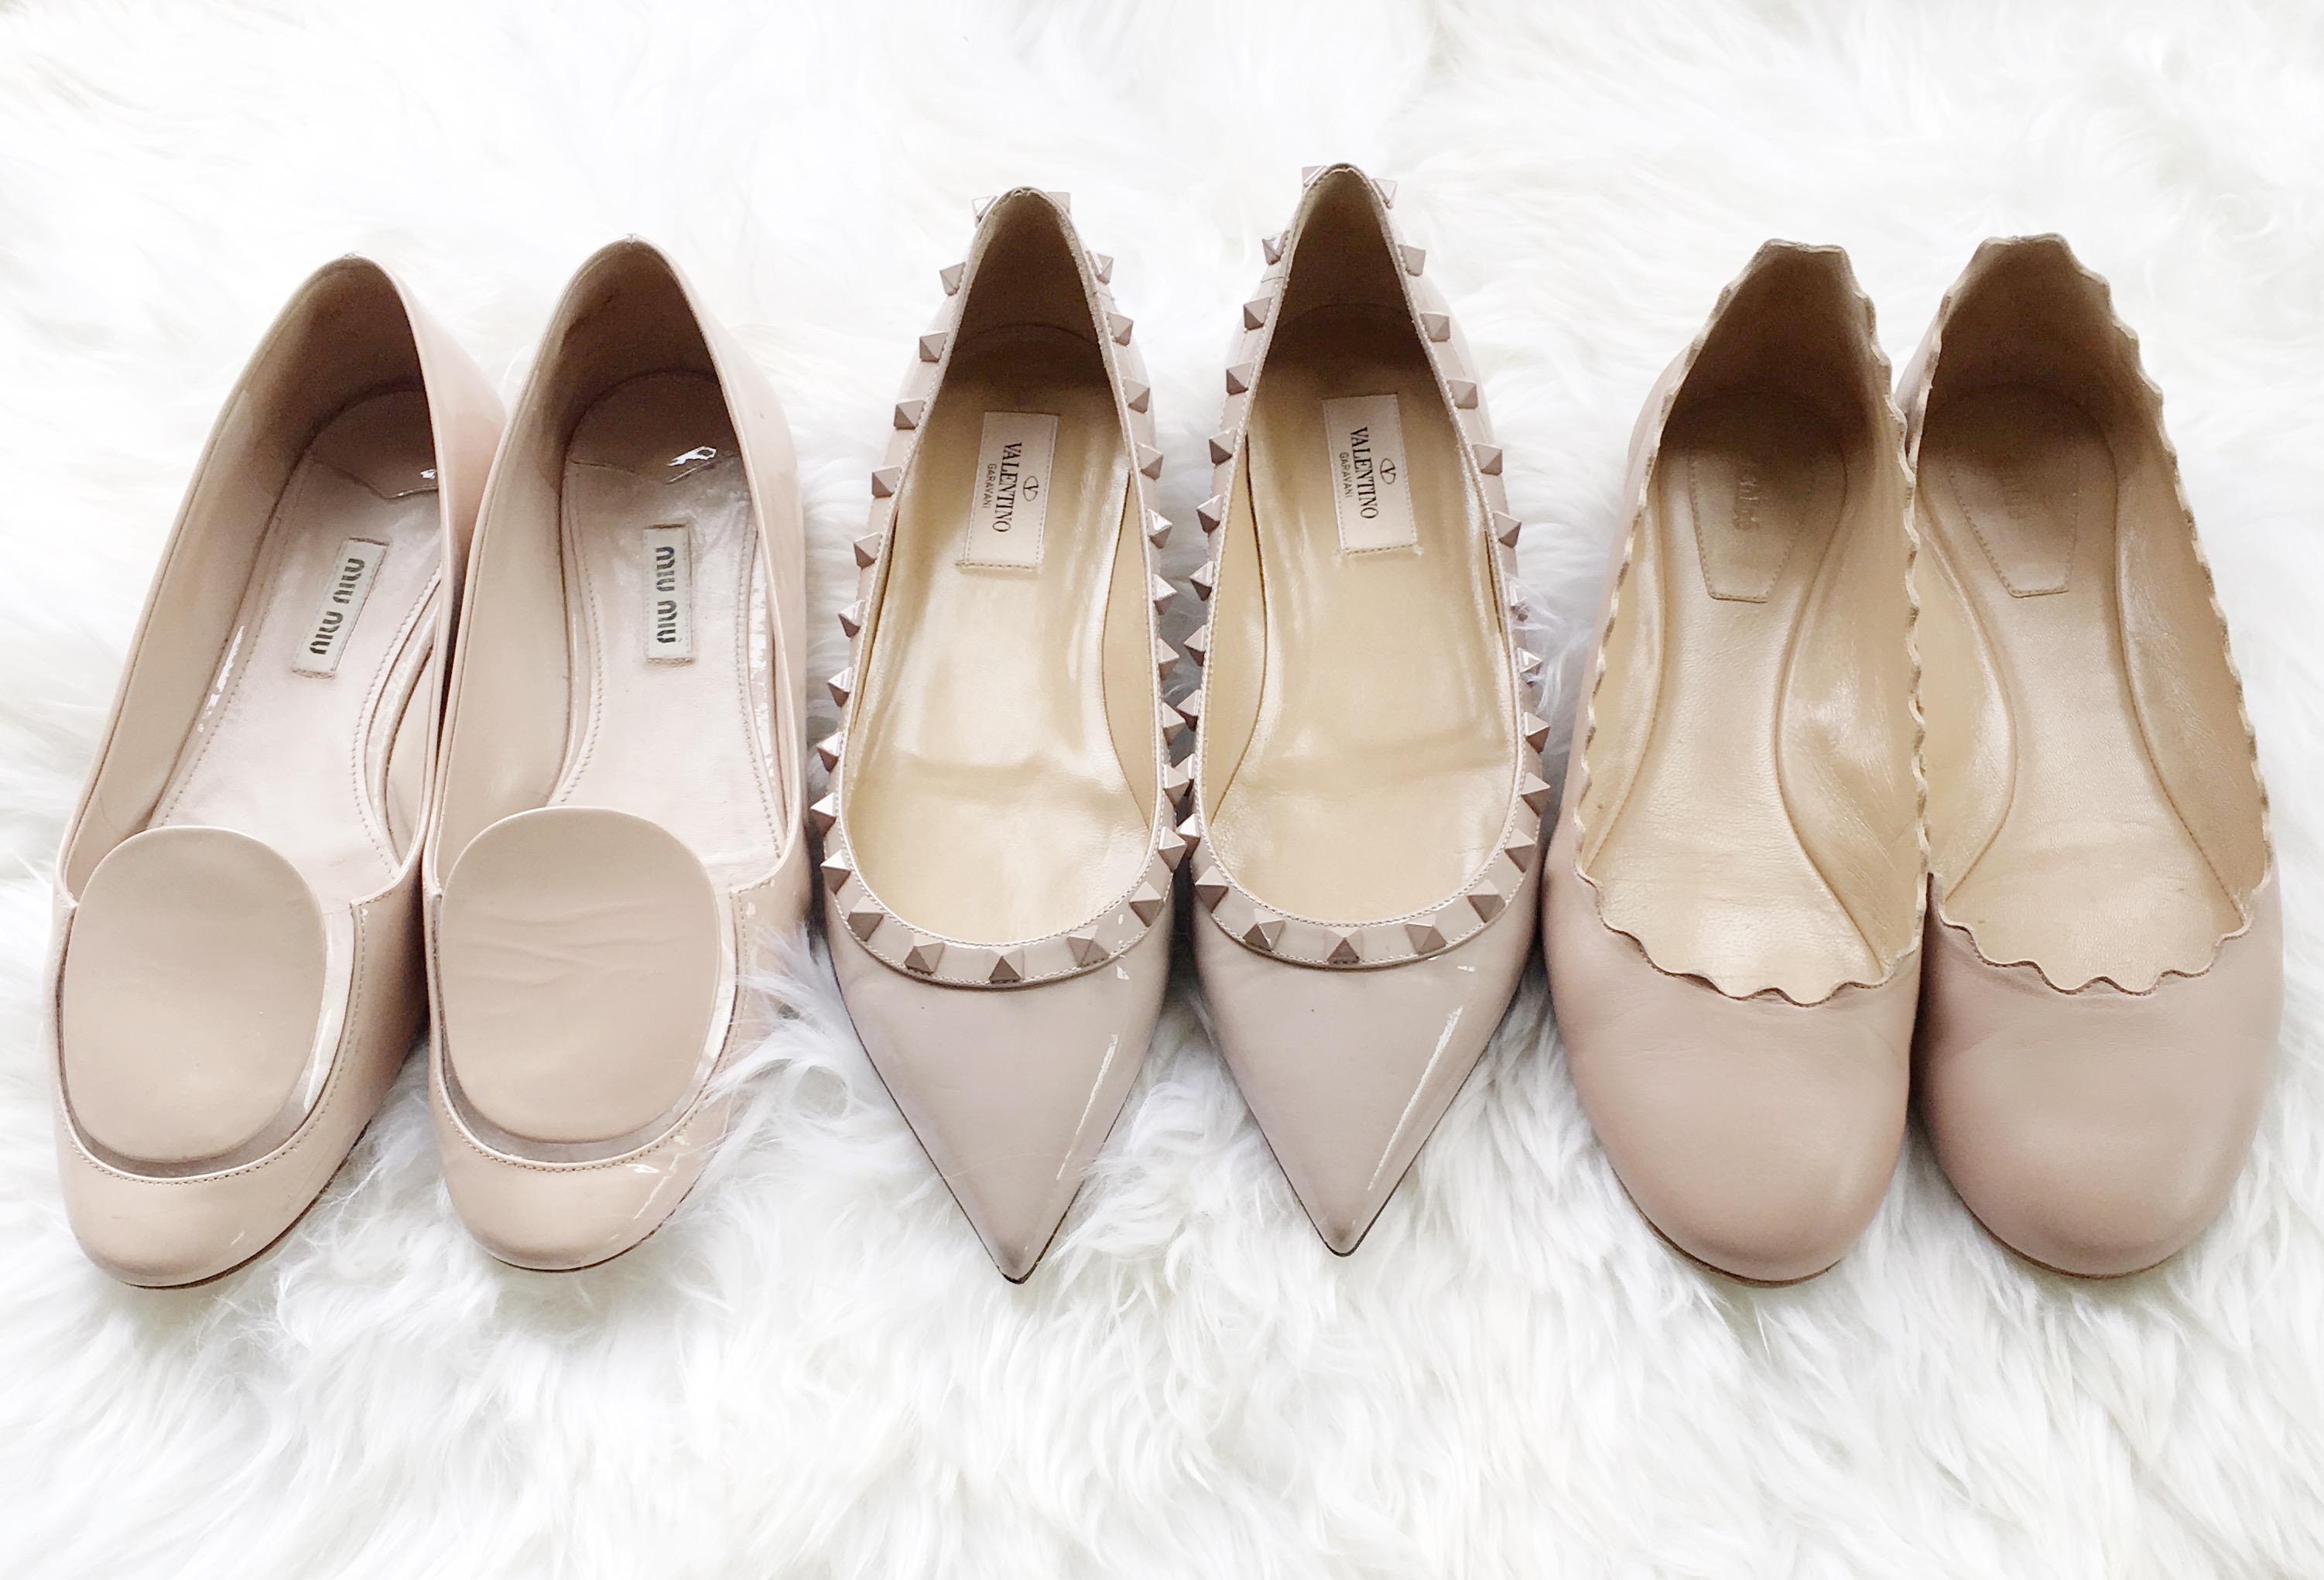 kadın modasında klasikler - ten rengi düz ayakkabı  Her kadının dolabında olması gereken 13 zamansız parça kadin modasinda klasikler ten rengi duz ayakkabi